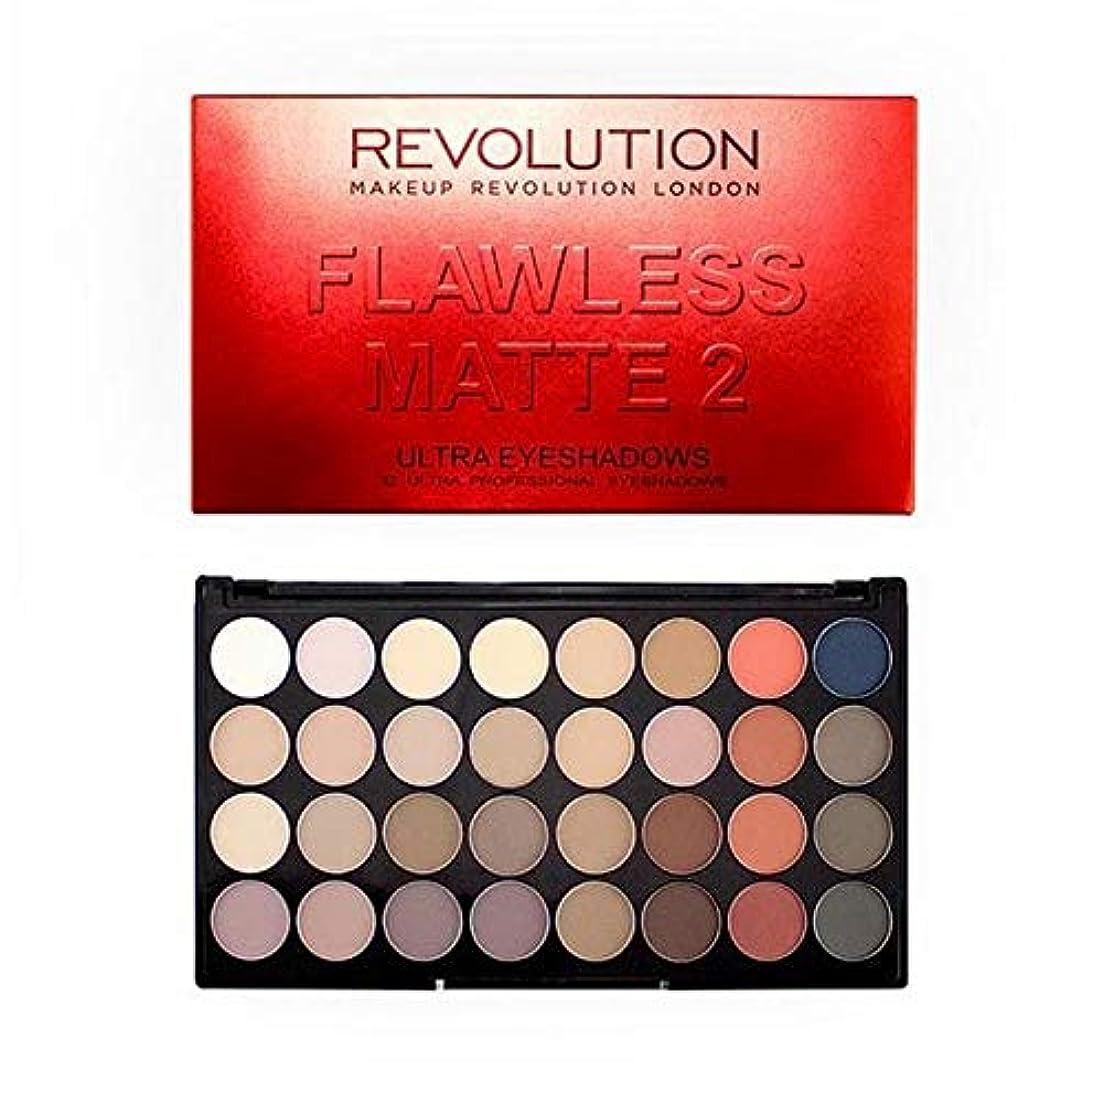 復活猫背マングル[Revolution ] 革命完璧なマット2アイシャドウパレット - Revolution Flawless Matte 2 Eye Shadow Palette [並行輸入品]